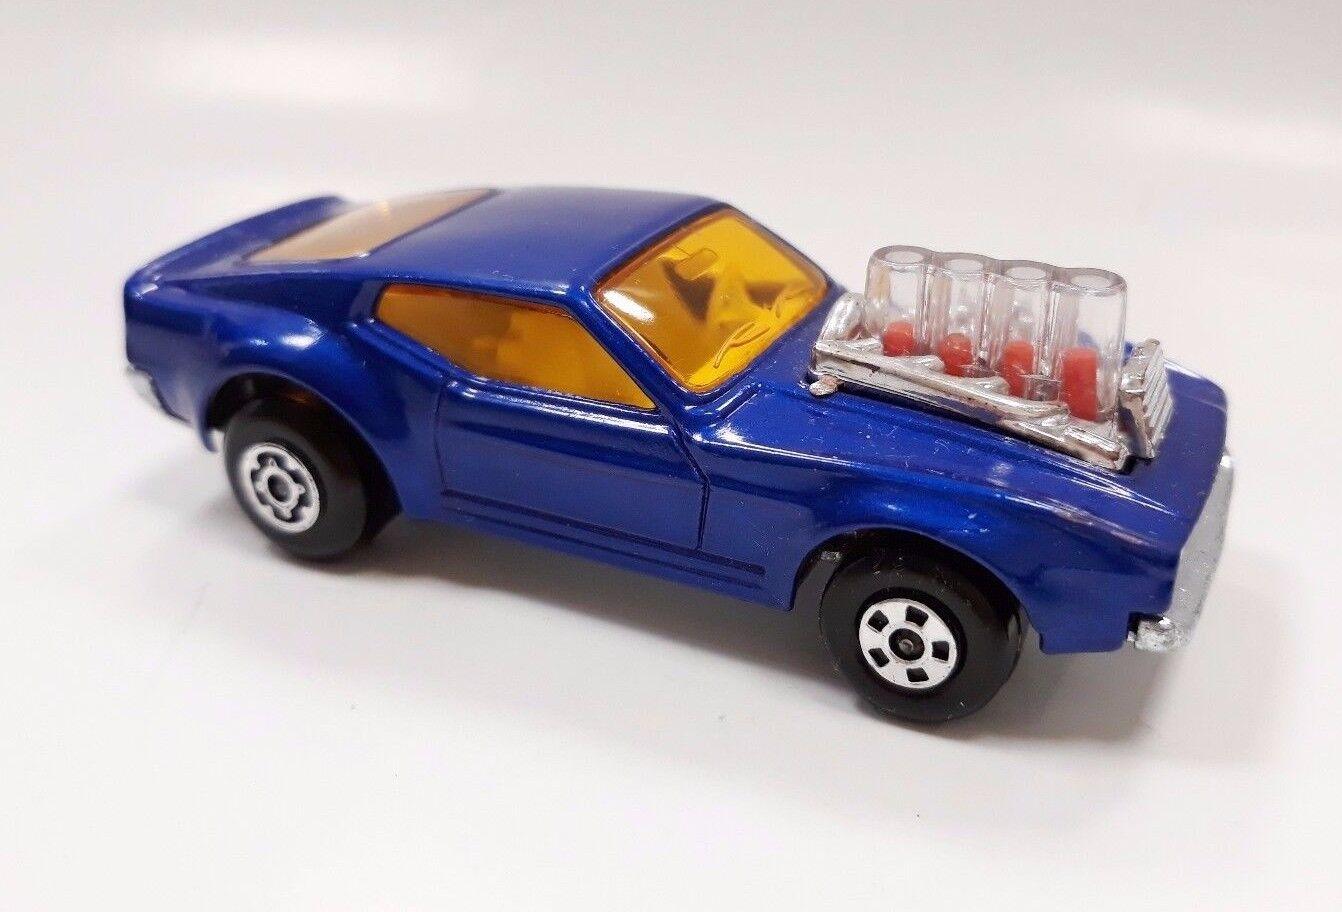 Rola-matics Coche De Juguete Matchbox Superfast Dragster 1973 Mustang Piston Popper